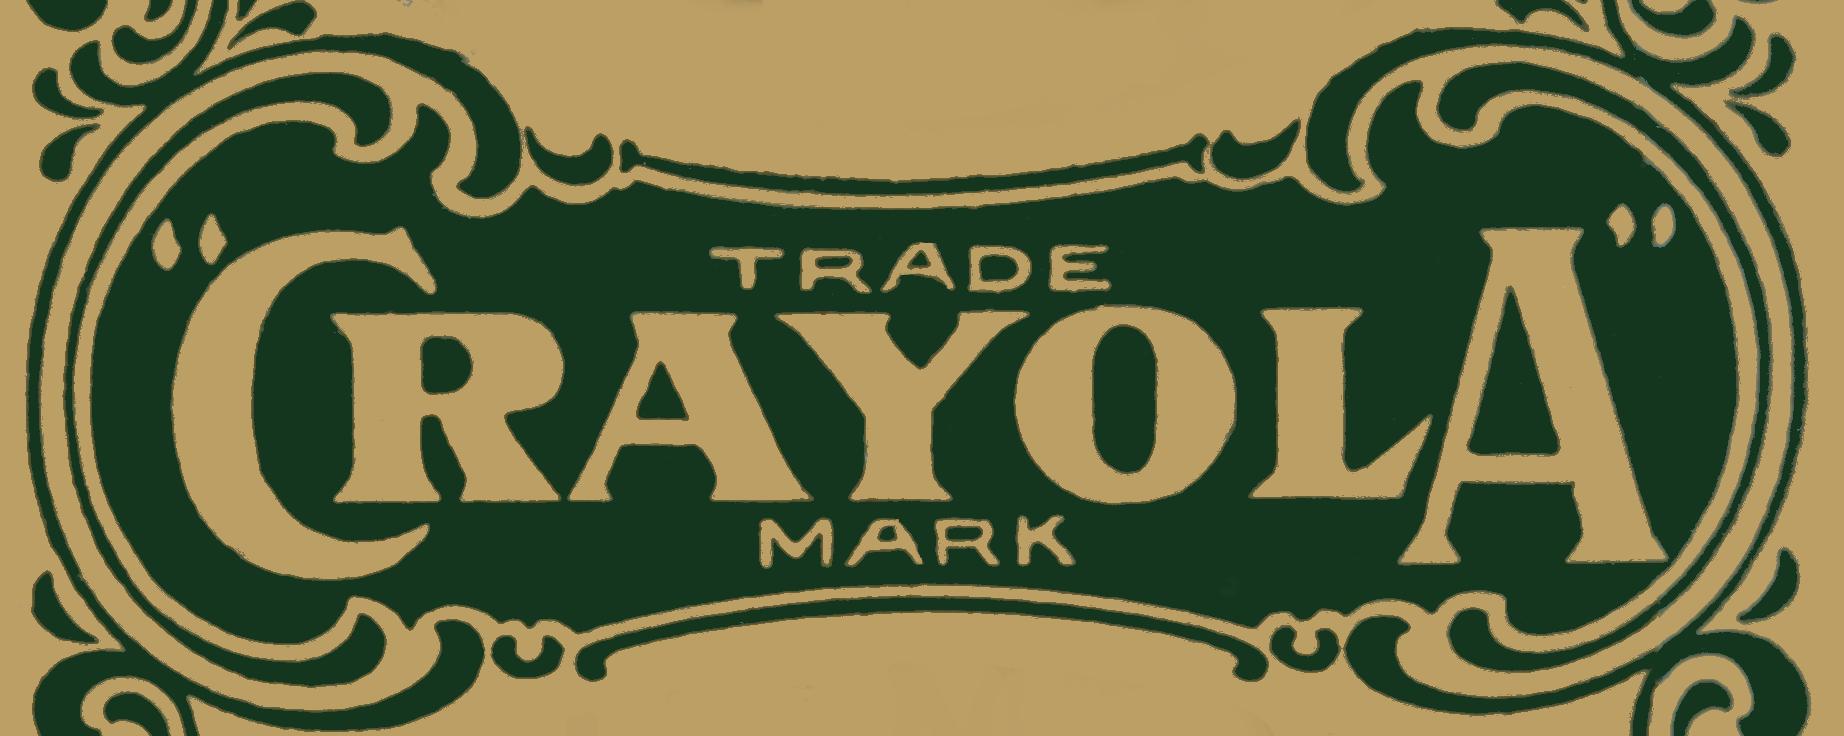 File:Crayola-1903-Logo.png